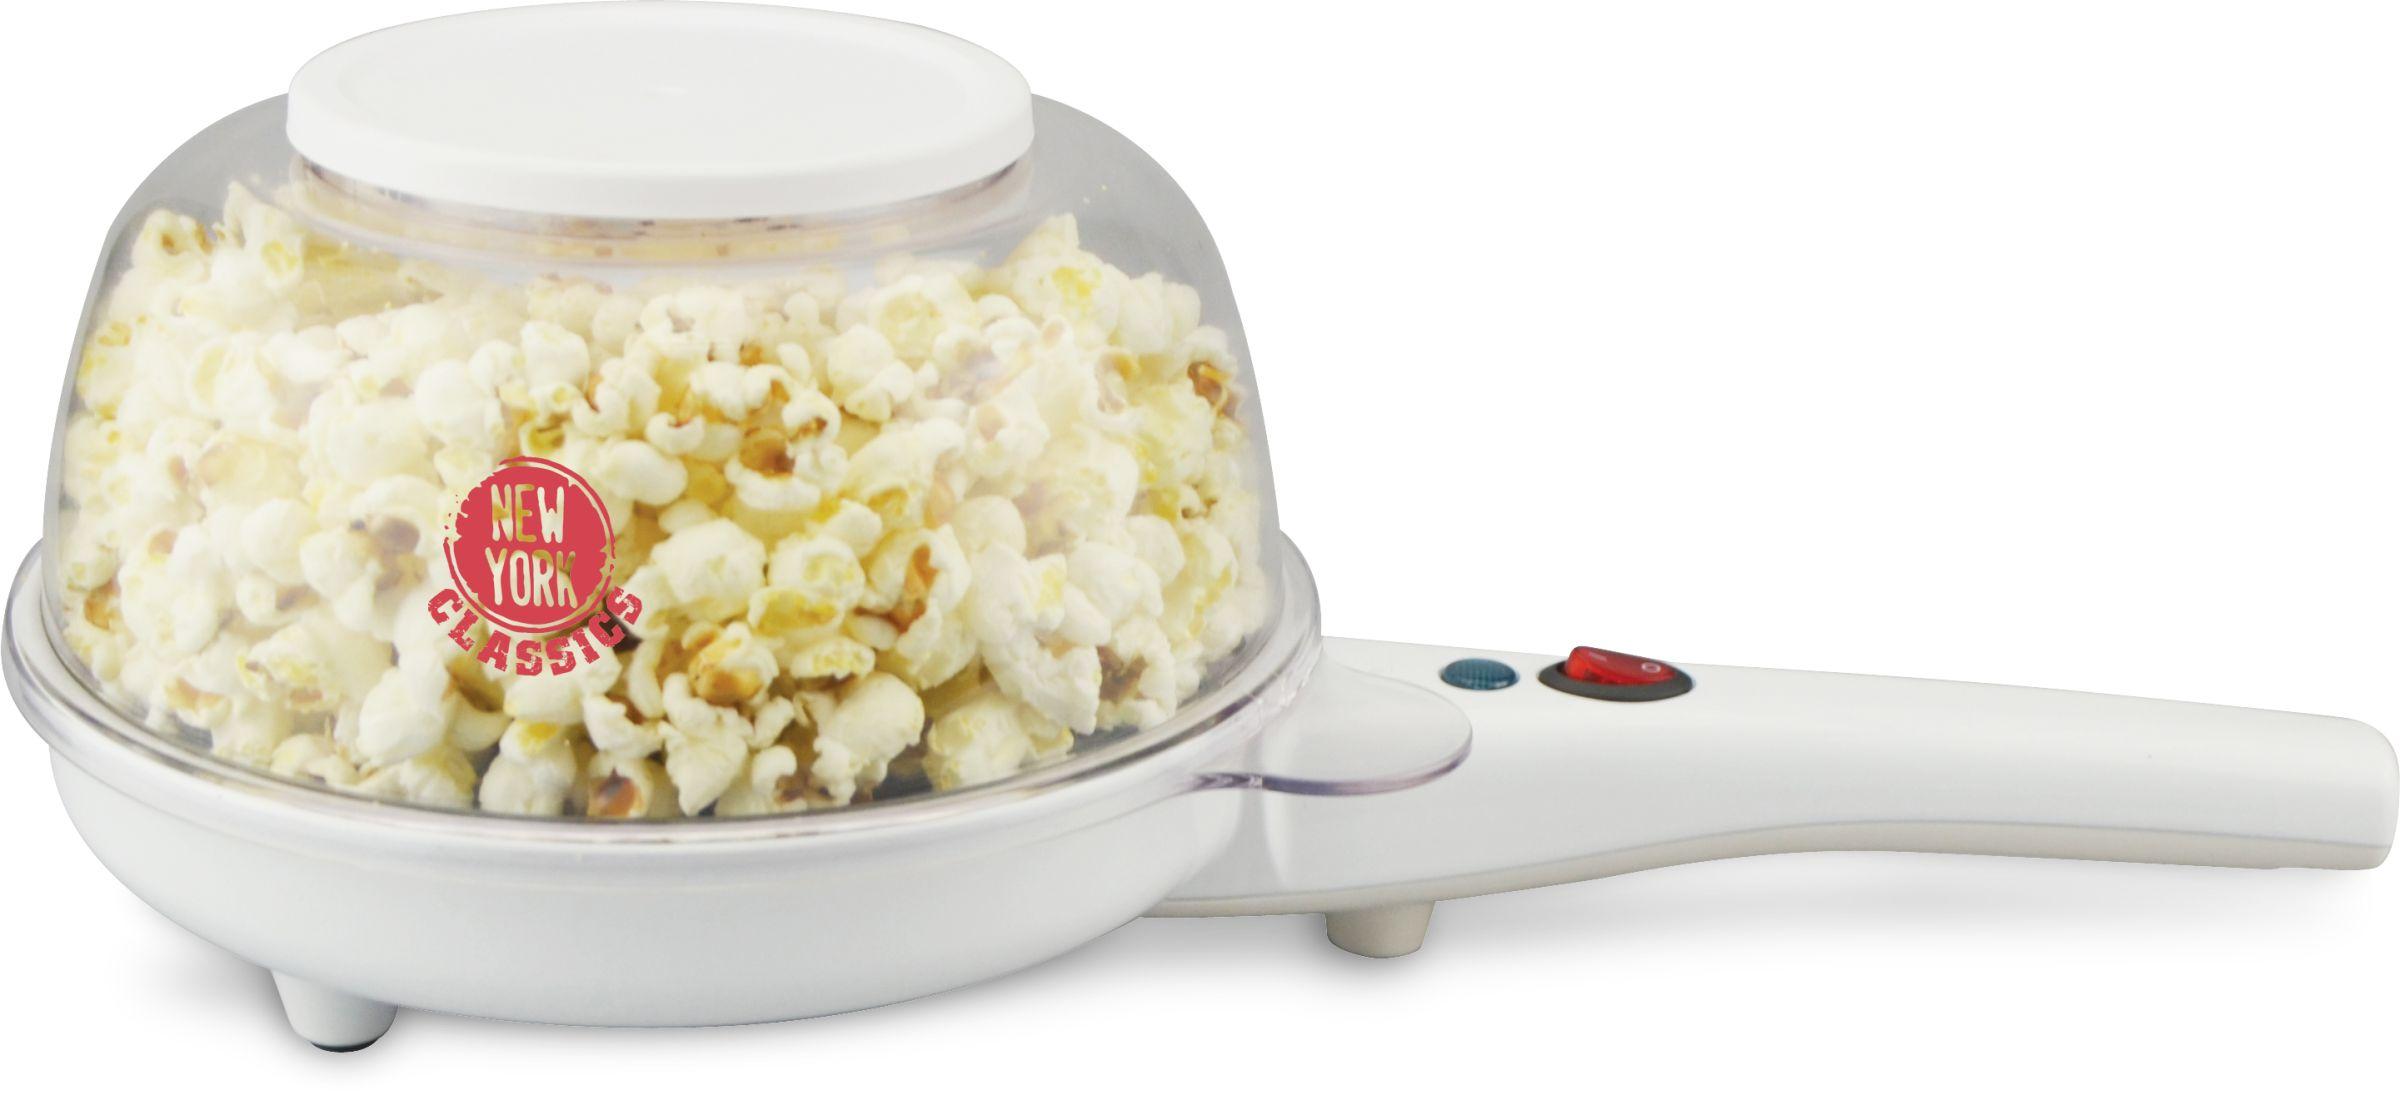 Popcornmaker Automat Popcornmaschine Pfanne elektrisch Mais 800W(Karton beschädigt)*36736